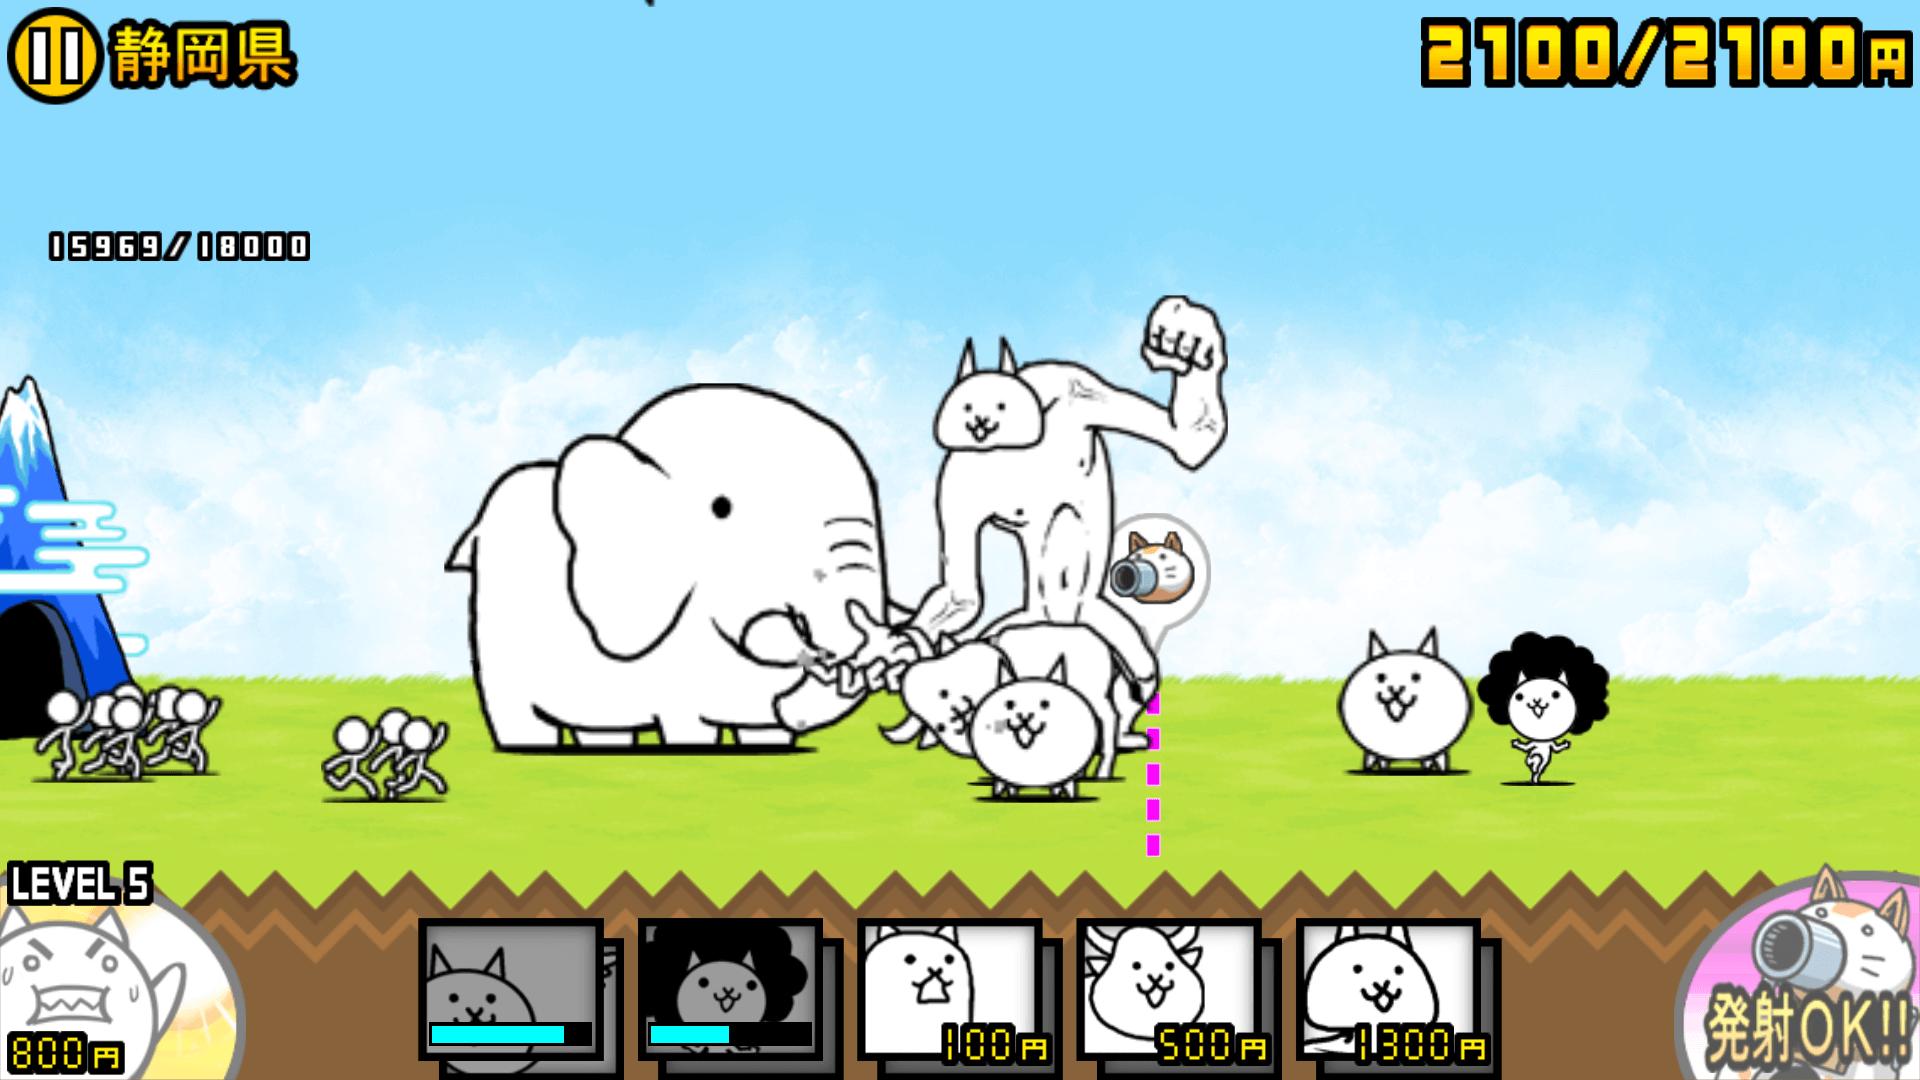 巨神ネコとウシネコでパオンに攻撃